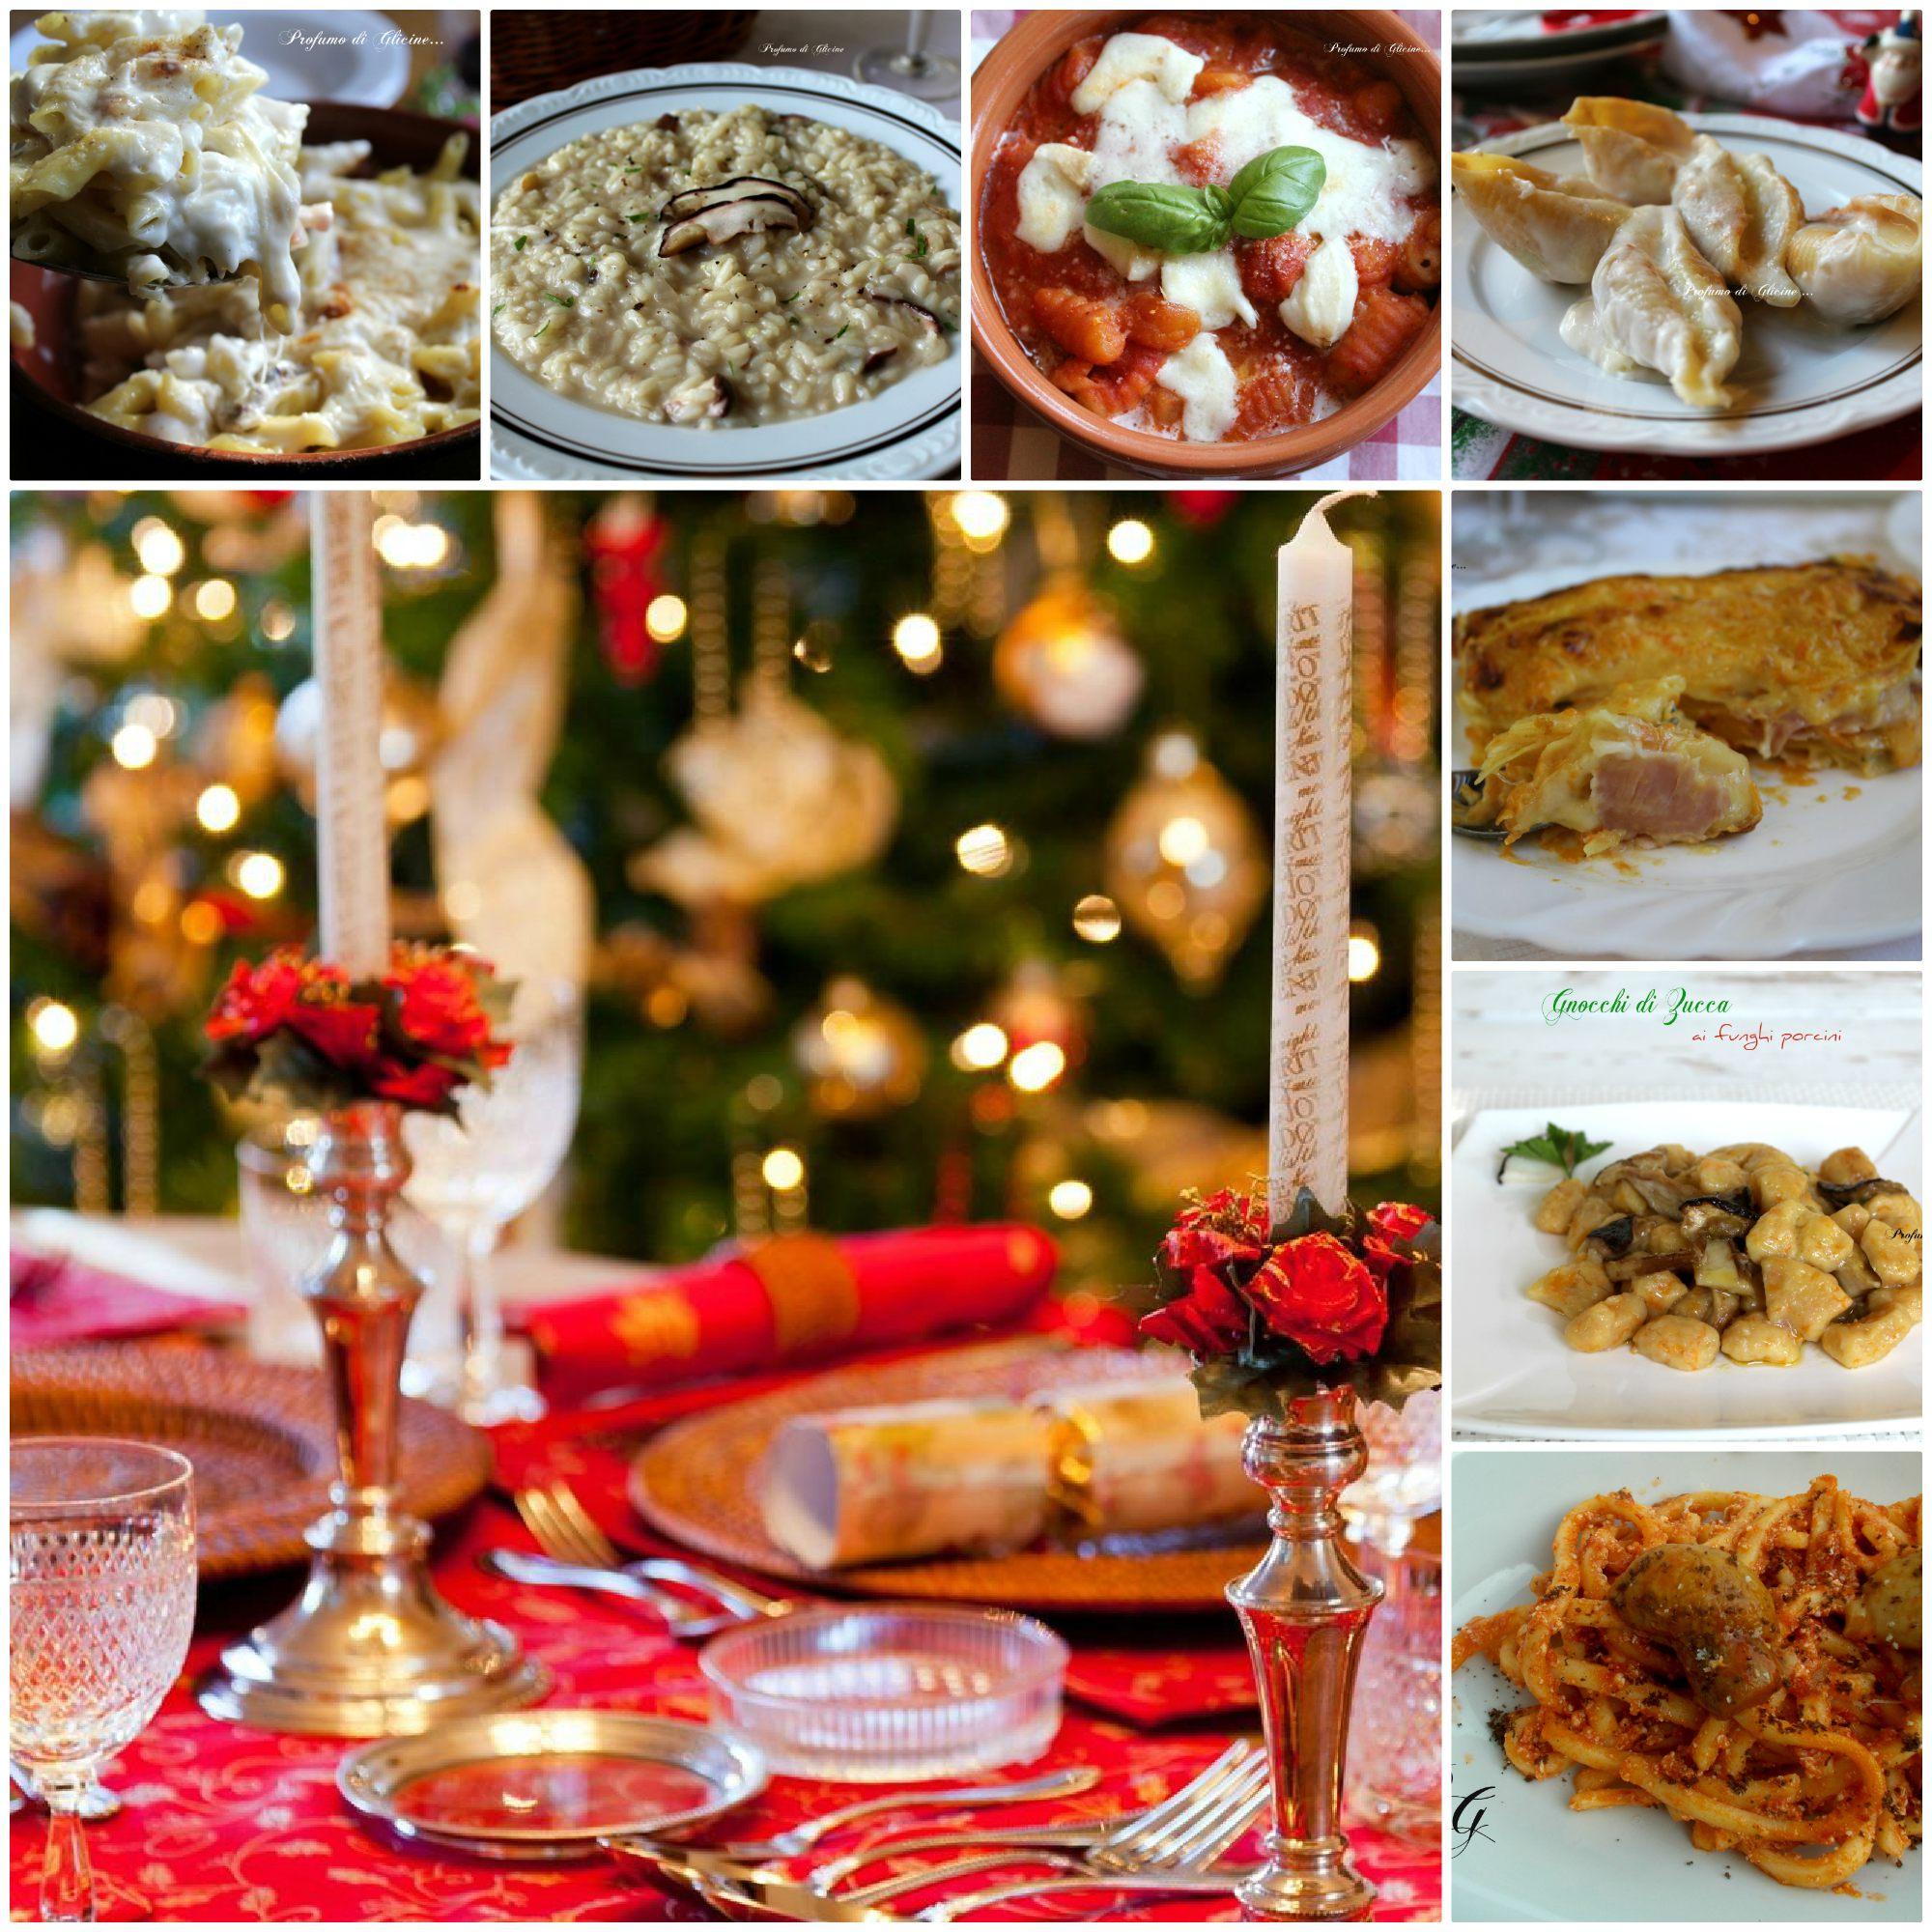 Menu pranzo di Natale primi piatti semplici